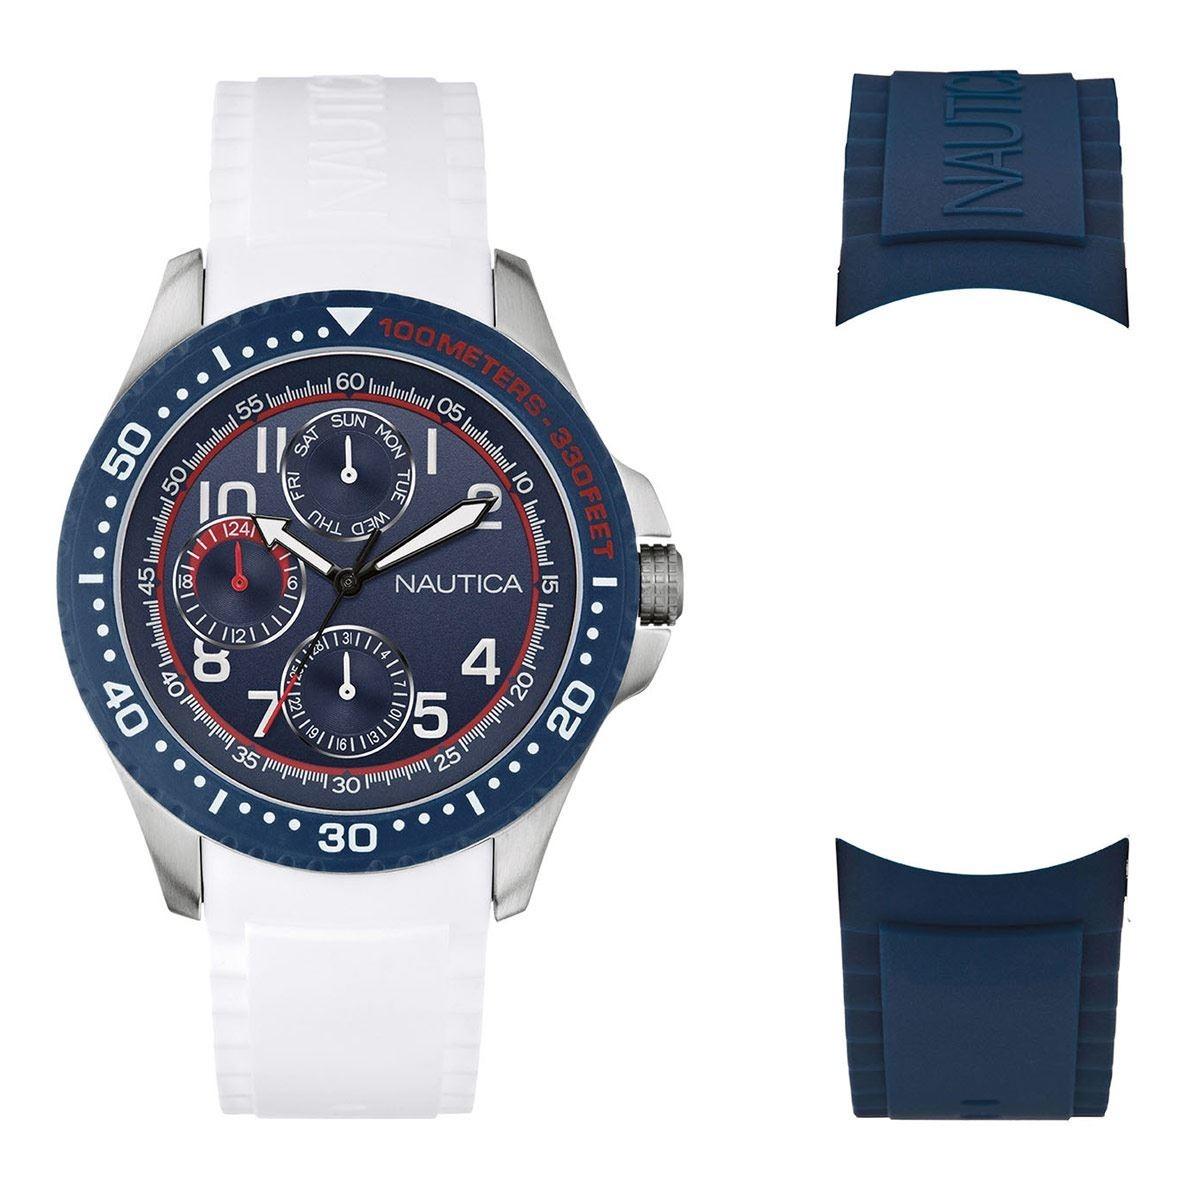 Reloj Nautica Para Hombre Modelo  Napjbc009 Envio Gratis ... c2de64f8a182